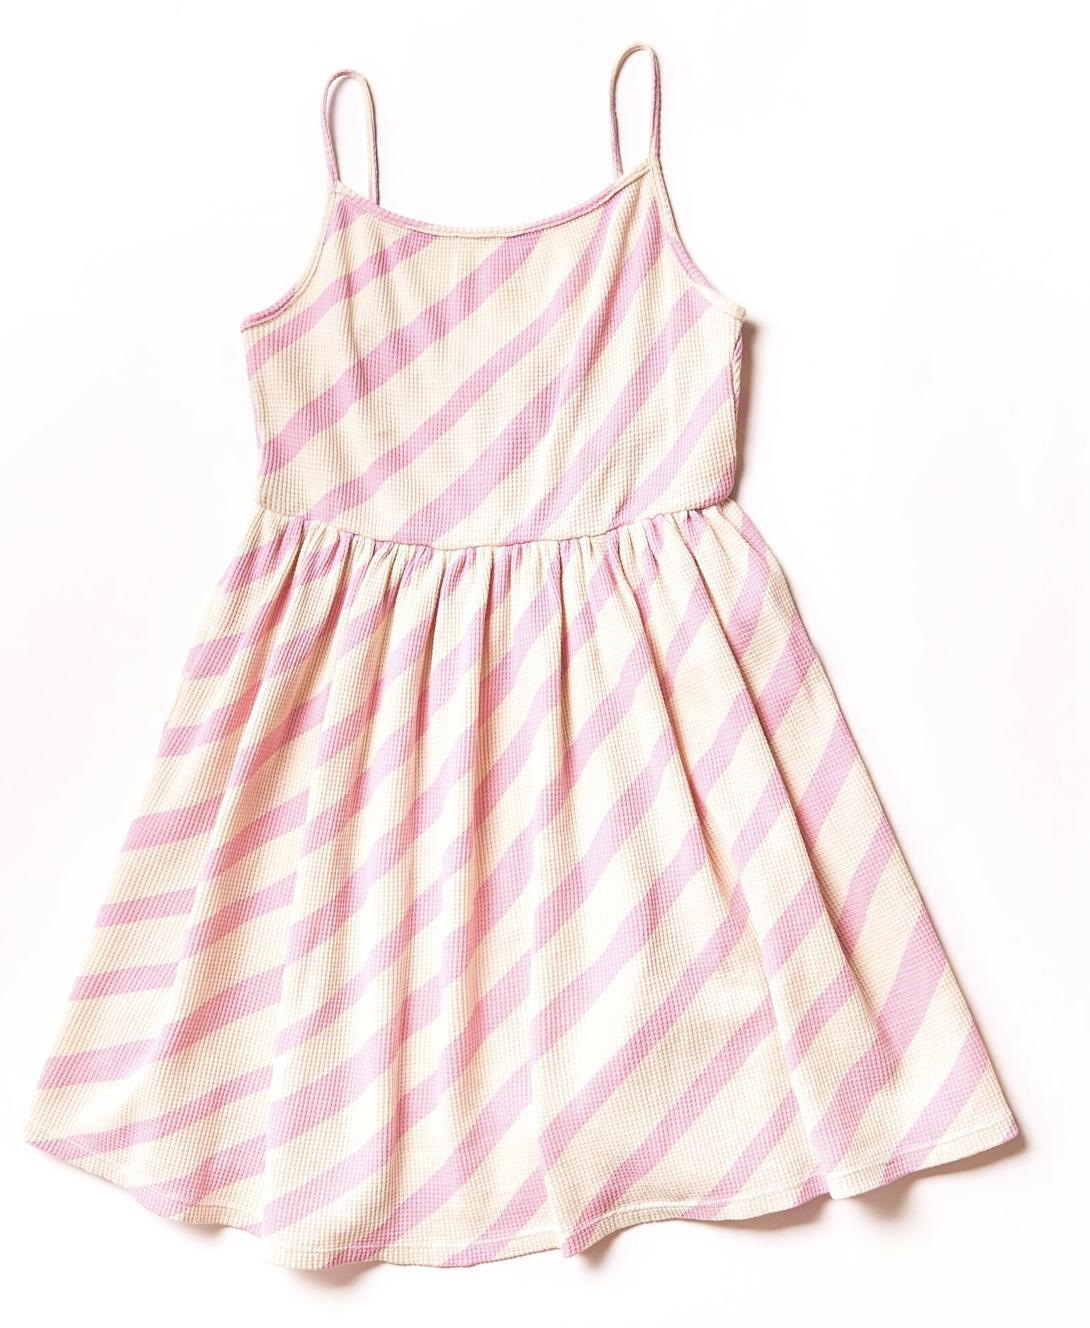 Noe & Zoe Sun Dress